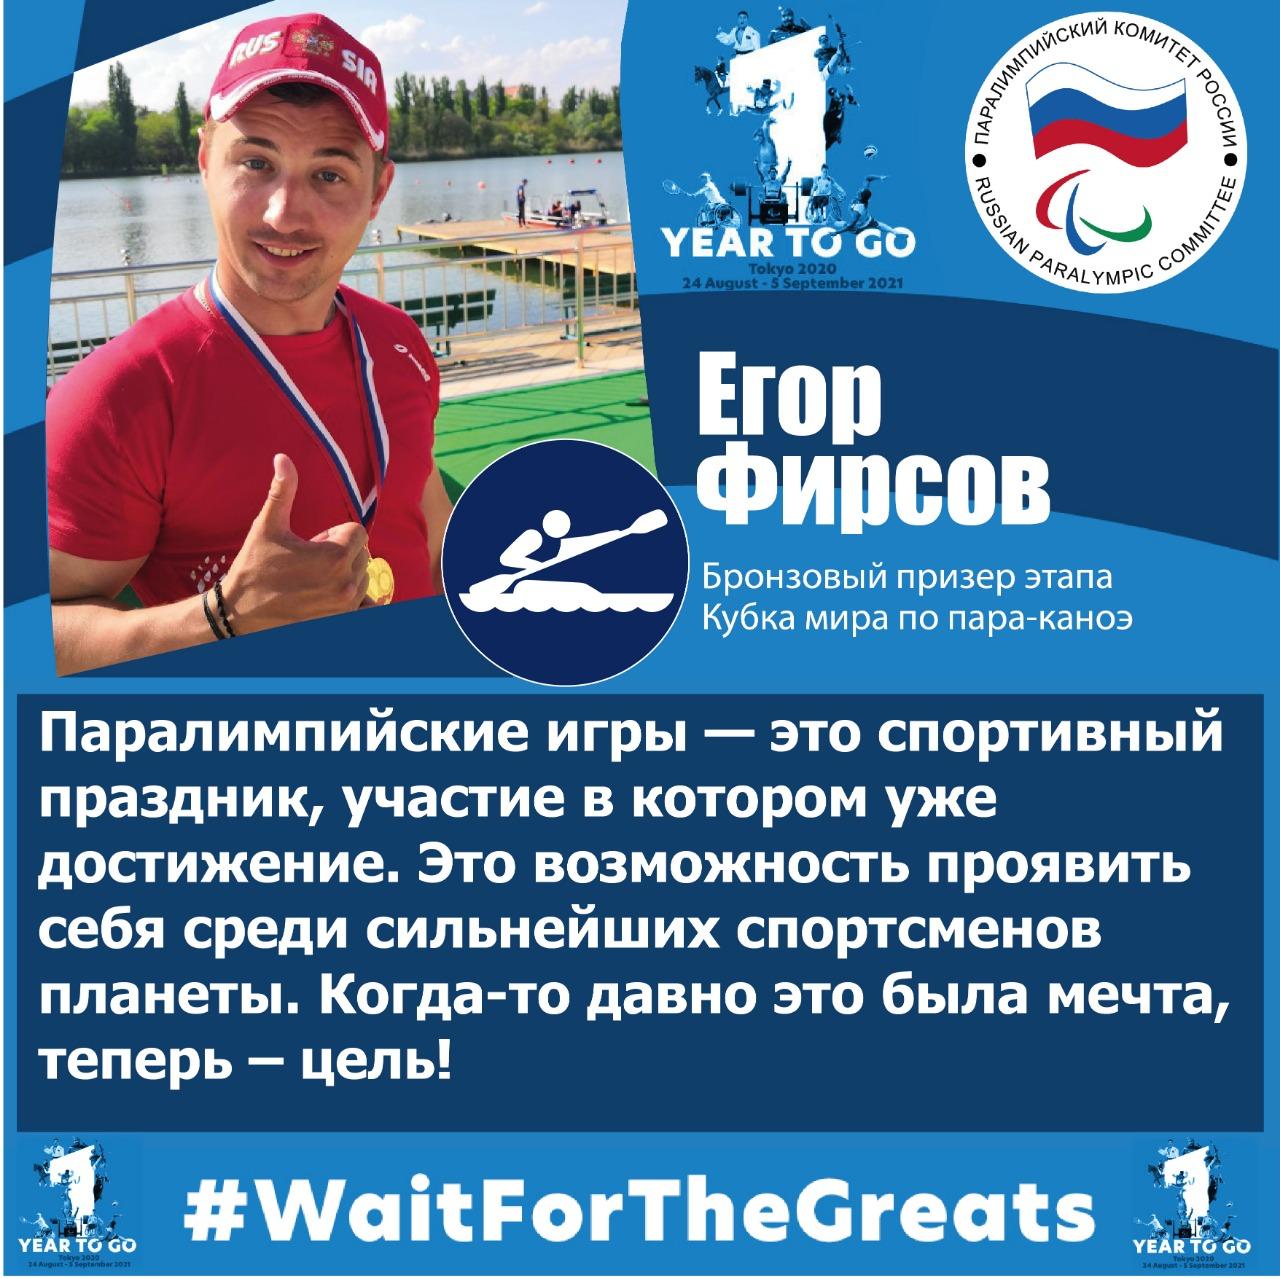 Е. Фирсов: «Паралимпийские игры — это спортивный праздник, участие в котором уже достижение. Это возможность проявить себя среди сильнейших спортсменов планеты. Когда-то давно это была мечта, теперь – цель!»